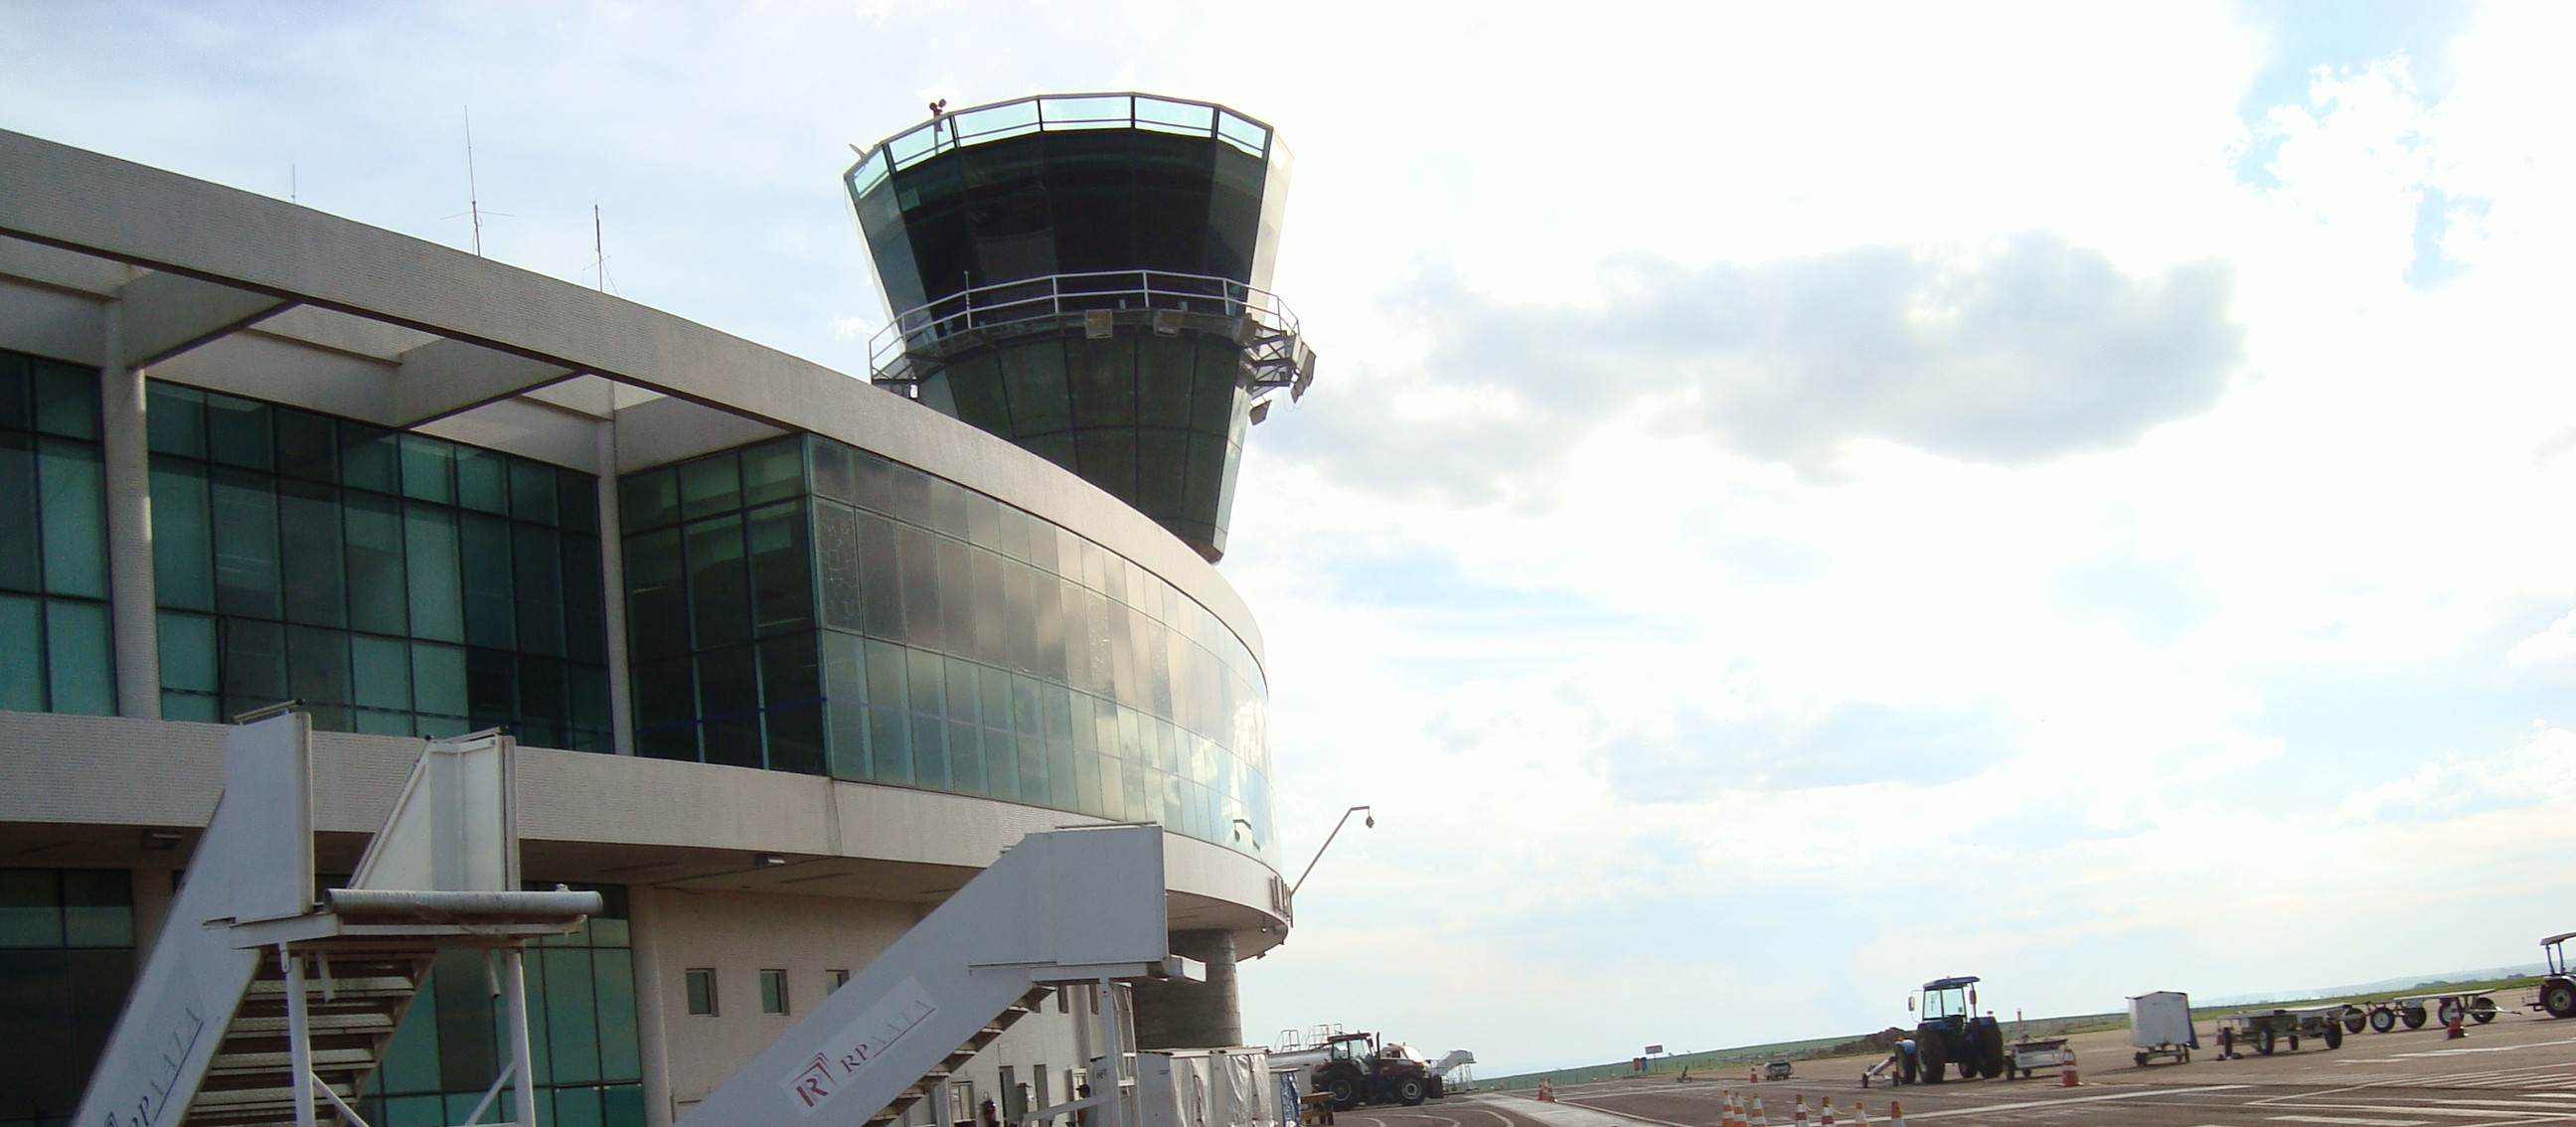 Licitação para contratar serviços de engenharia para aeroporto de Maringá é adiada